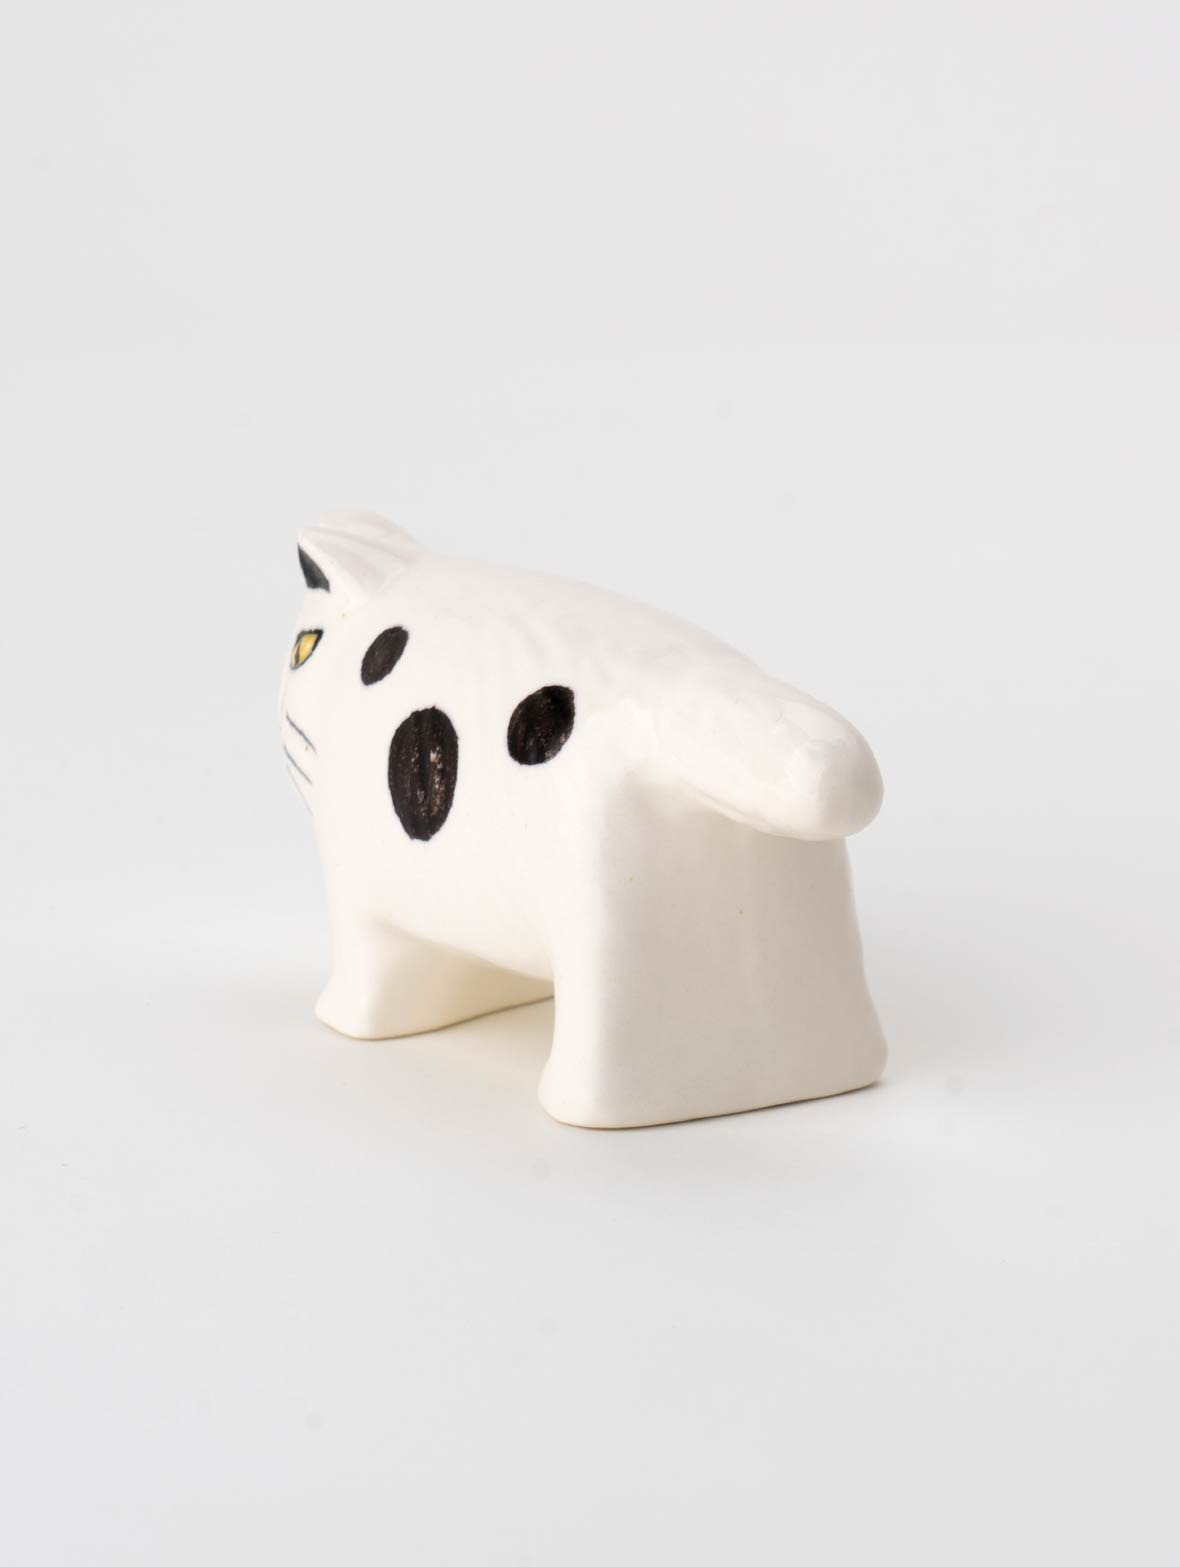 【NEKO NO HI 2020】白いブチのMIKA